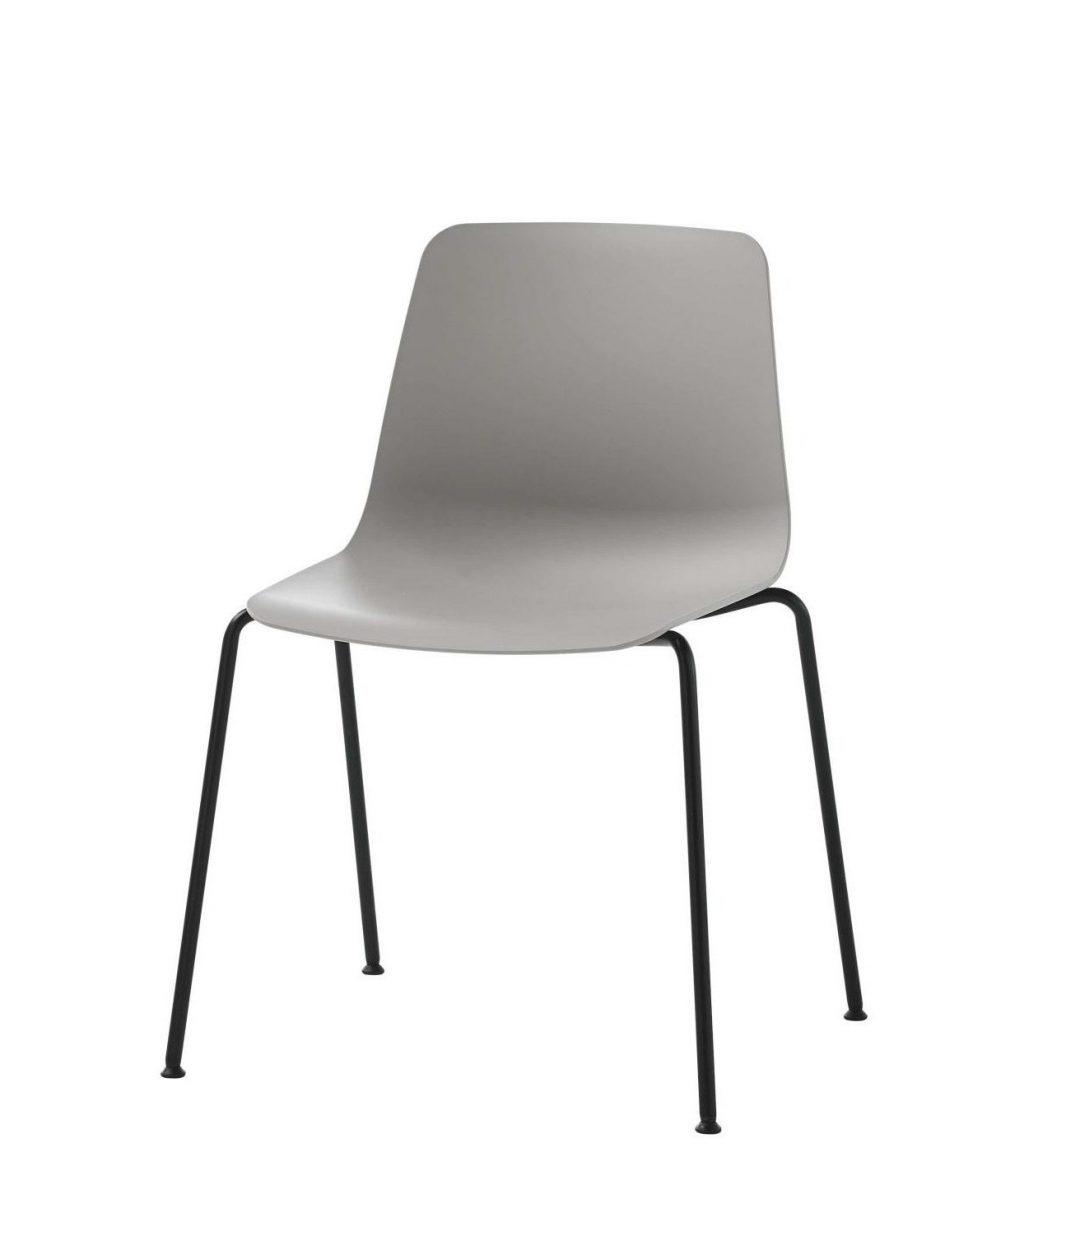 silla varya estrucutra negra